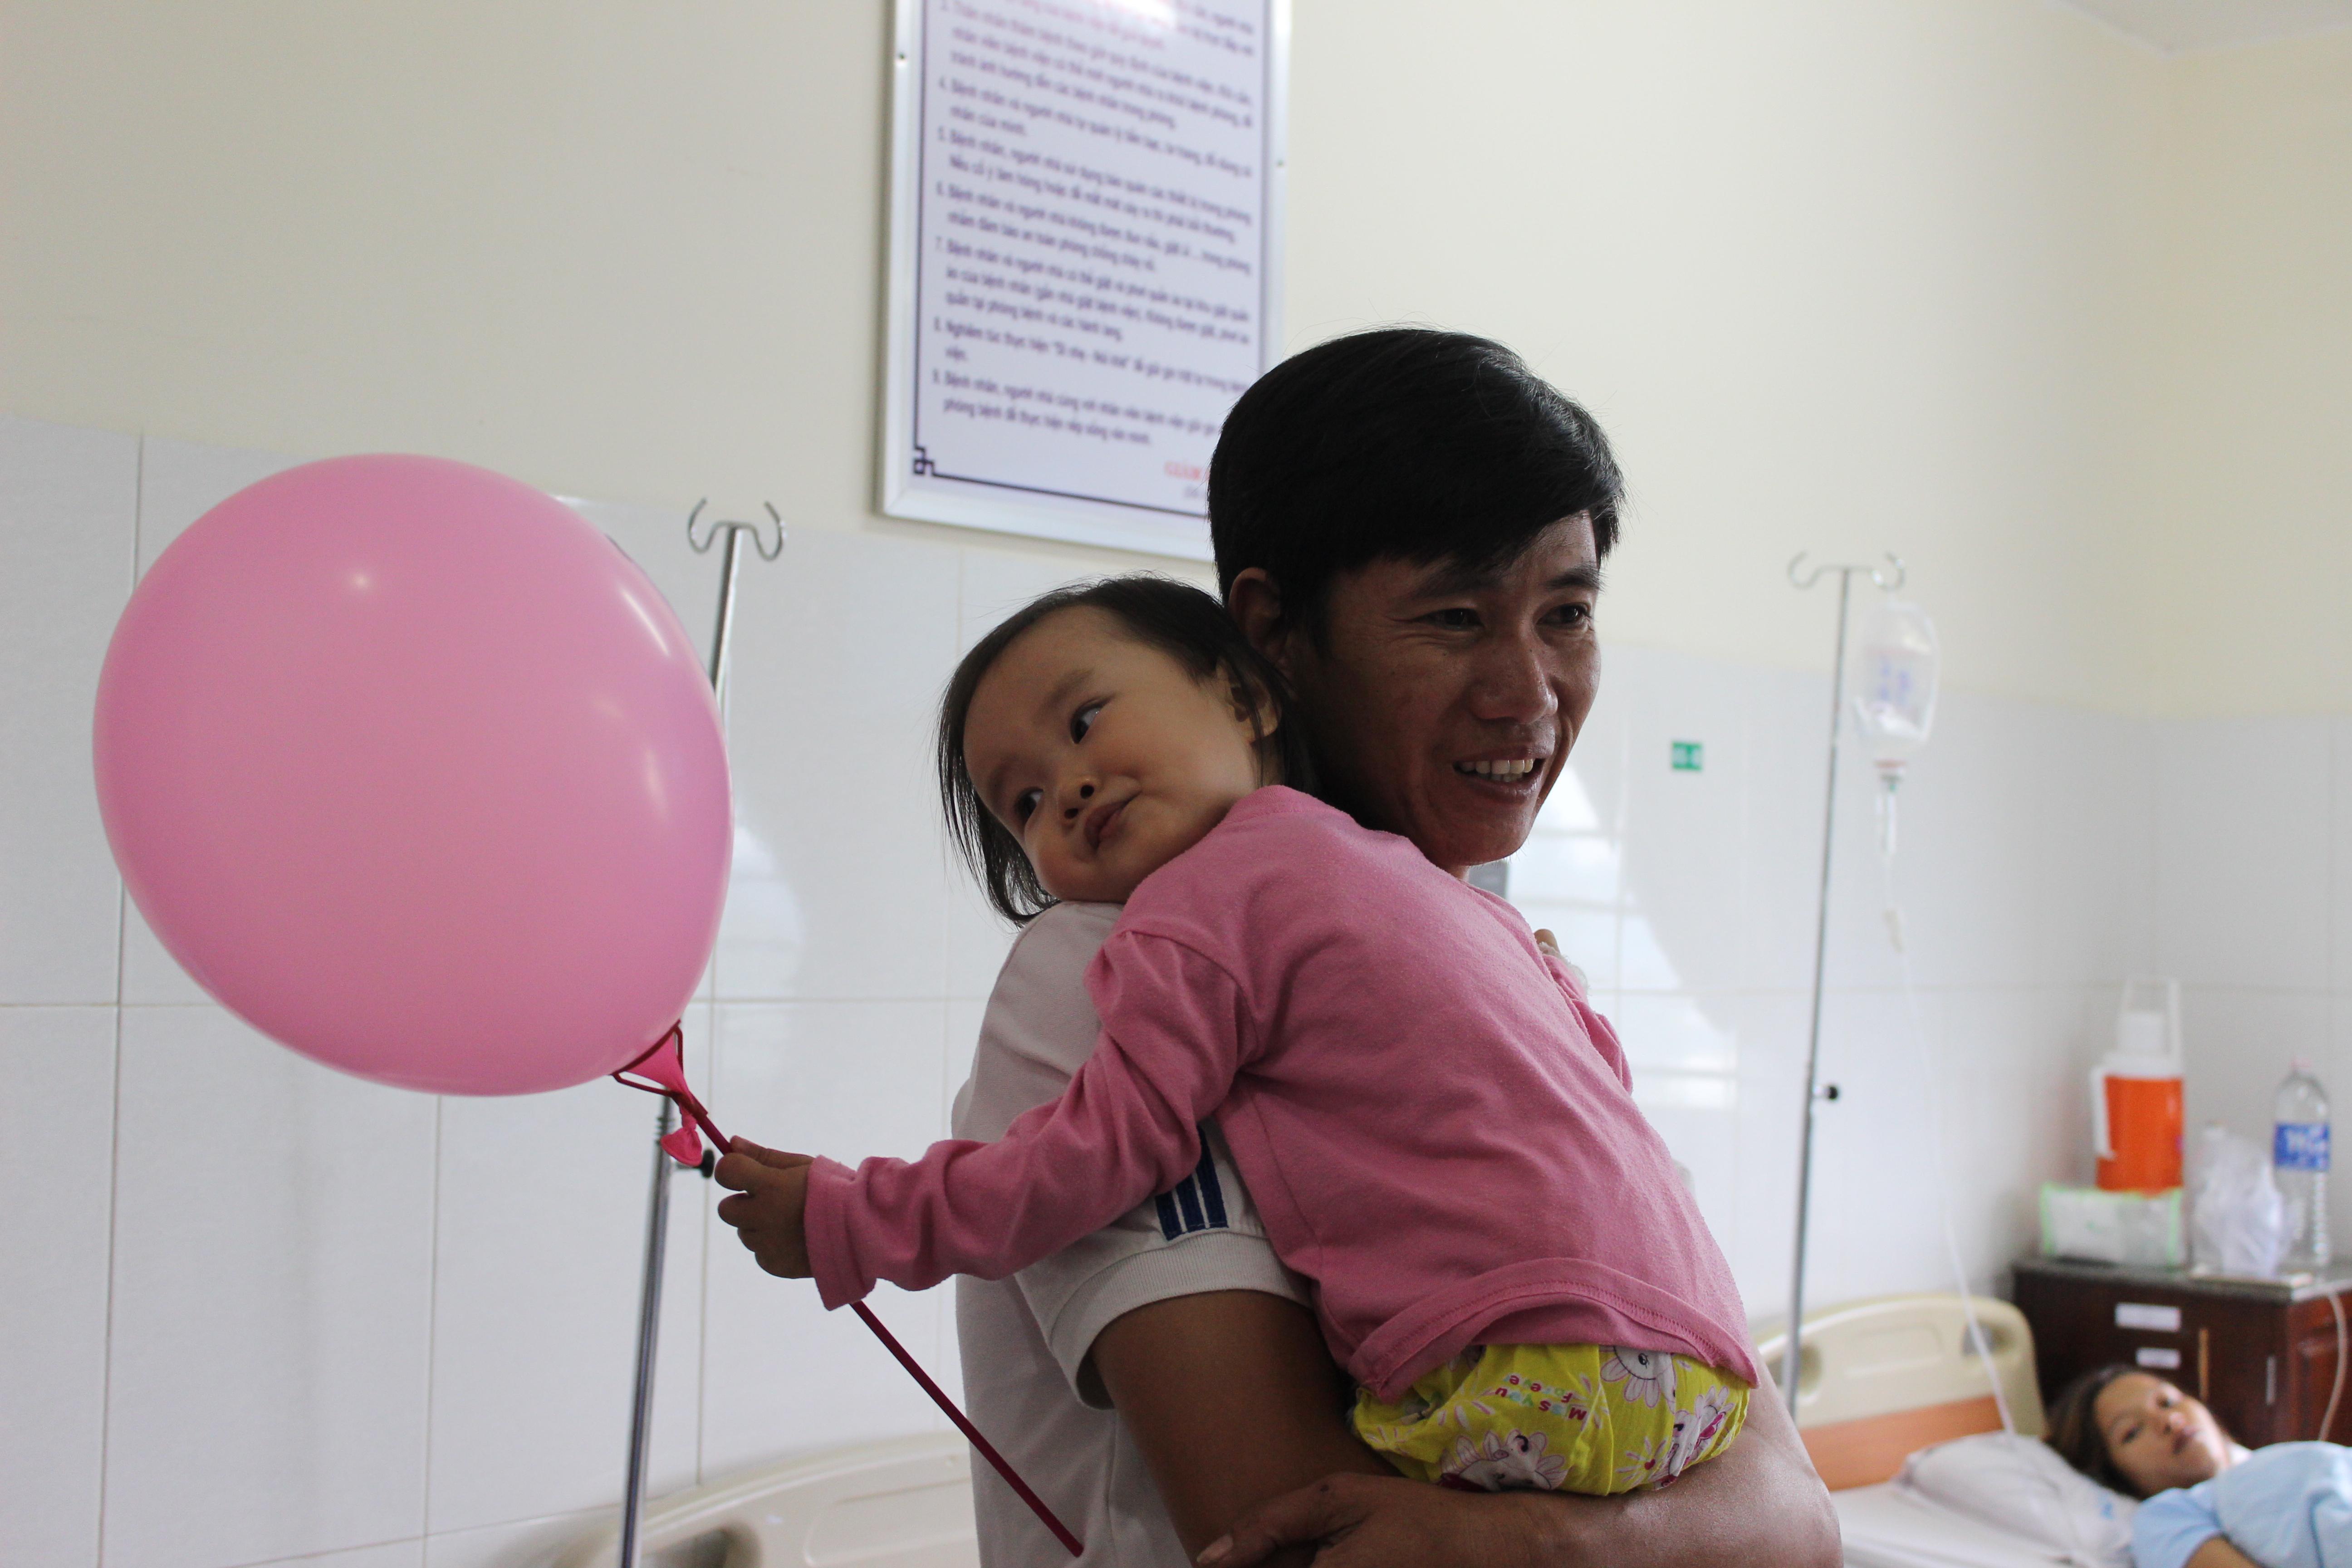 Bệnh Viện Thiện Hạnh: Ấm áp Ngày Tết Trung Thu Của Bệnh Nhi